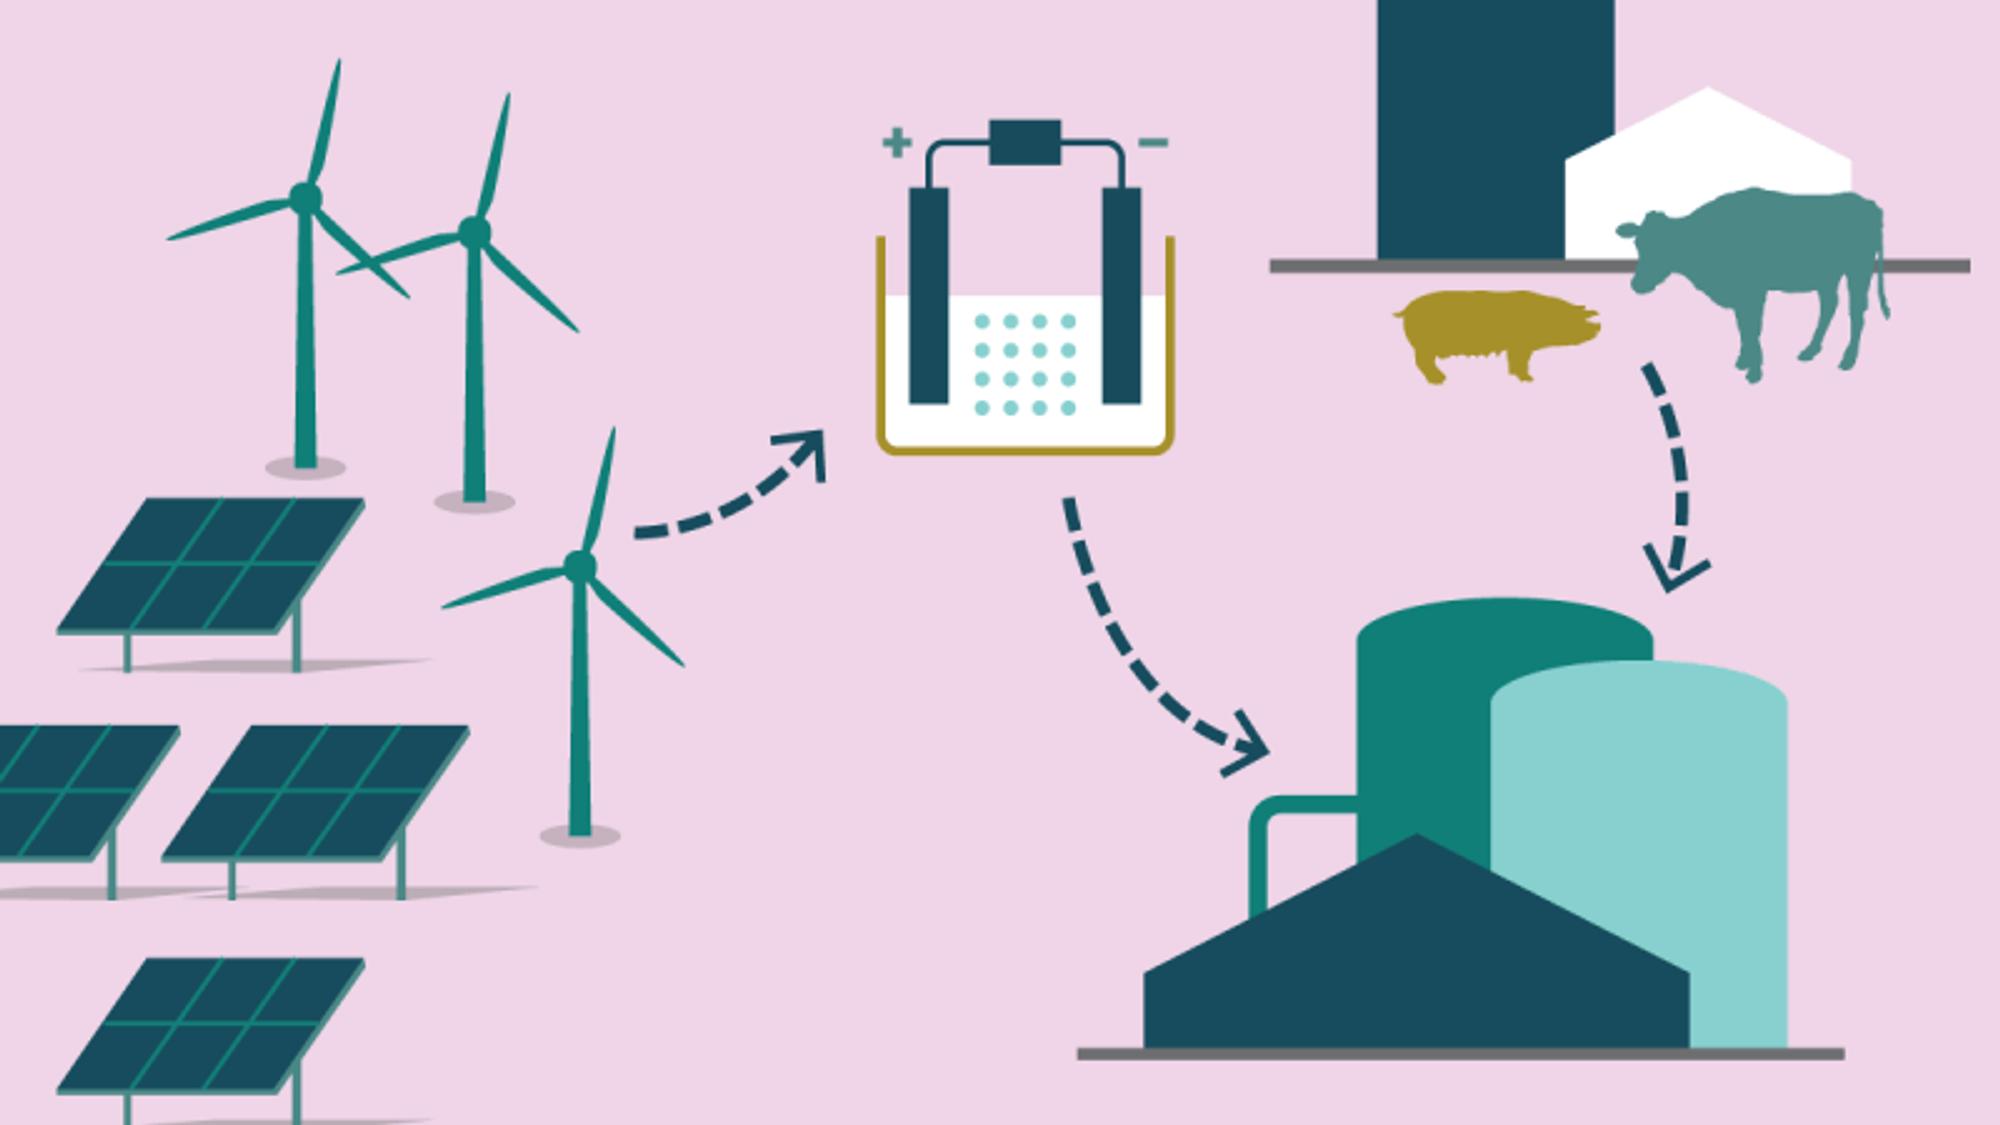 Produksjonen av eFuels bruker strøm fra vindmøller og solceller, i tillegg til en karbonkilde, for eksempel biogass. Geografisk plassering har betydning for strøm- og transportpris, og dermed prisen for det ferdige drivstoffet. Siden prosessene gir overskuddsvarme, vil det også ha betydning om anlegget ligger nært et fjernvarmeanlegg som kanbruke varmen.